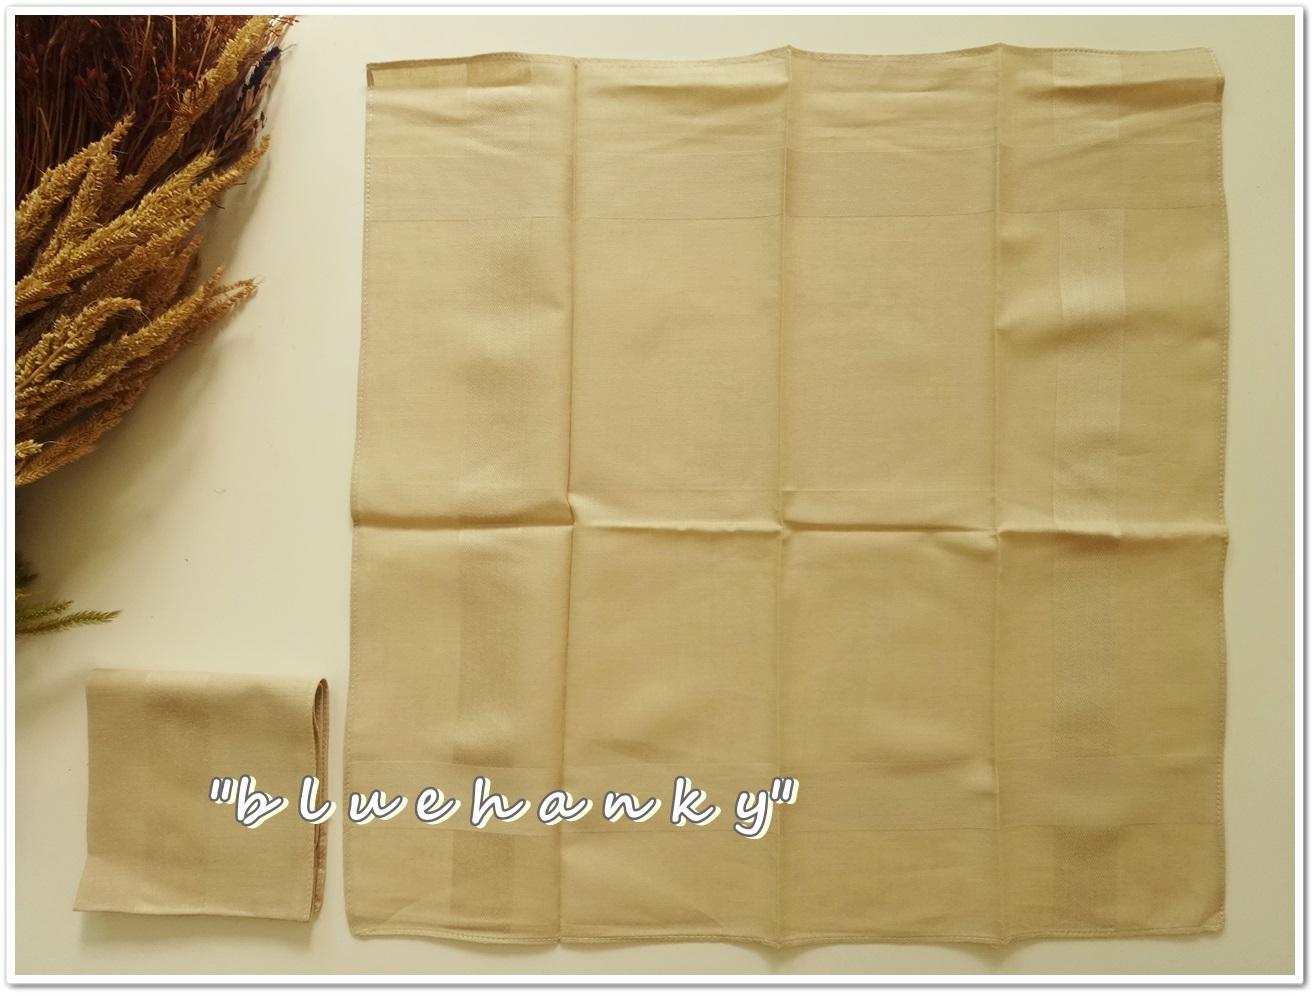 ผ้าเช็ดหน้าสีพื้น สีน้ำตาล